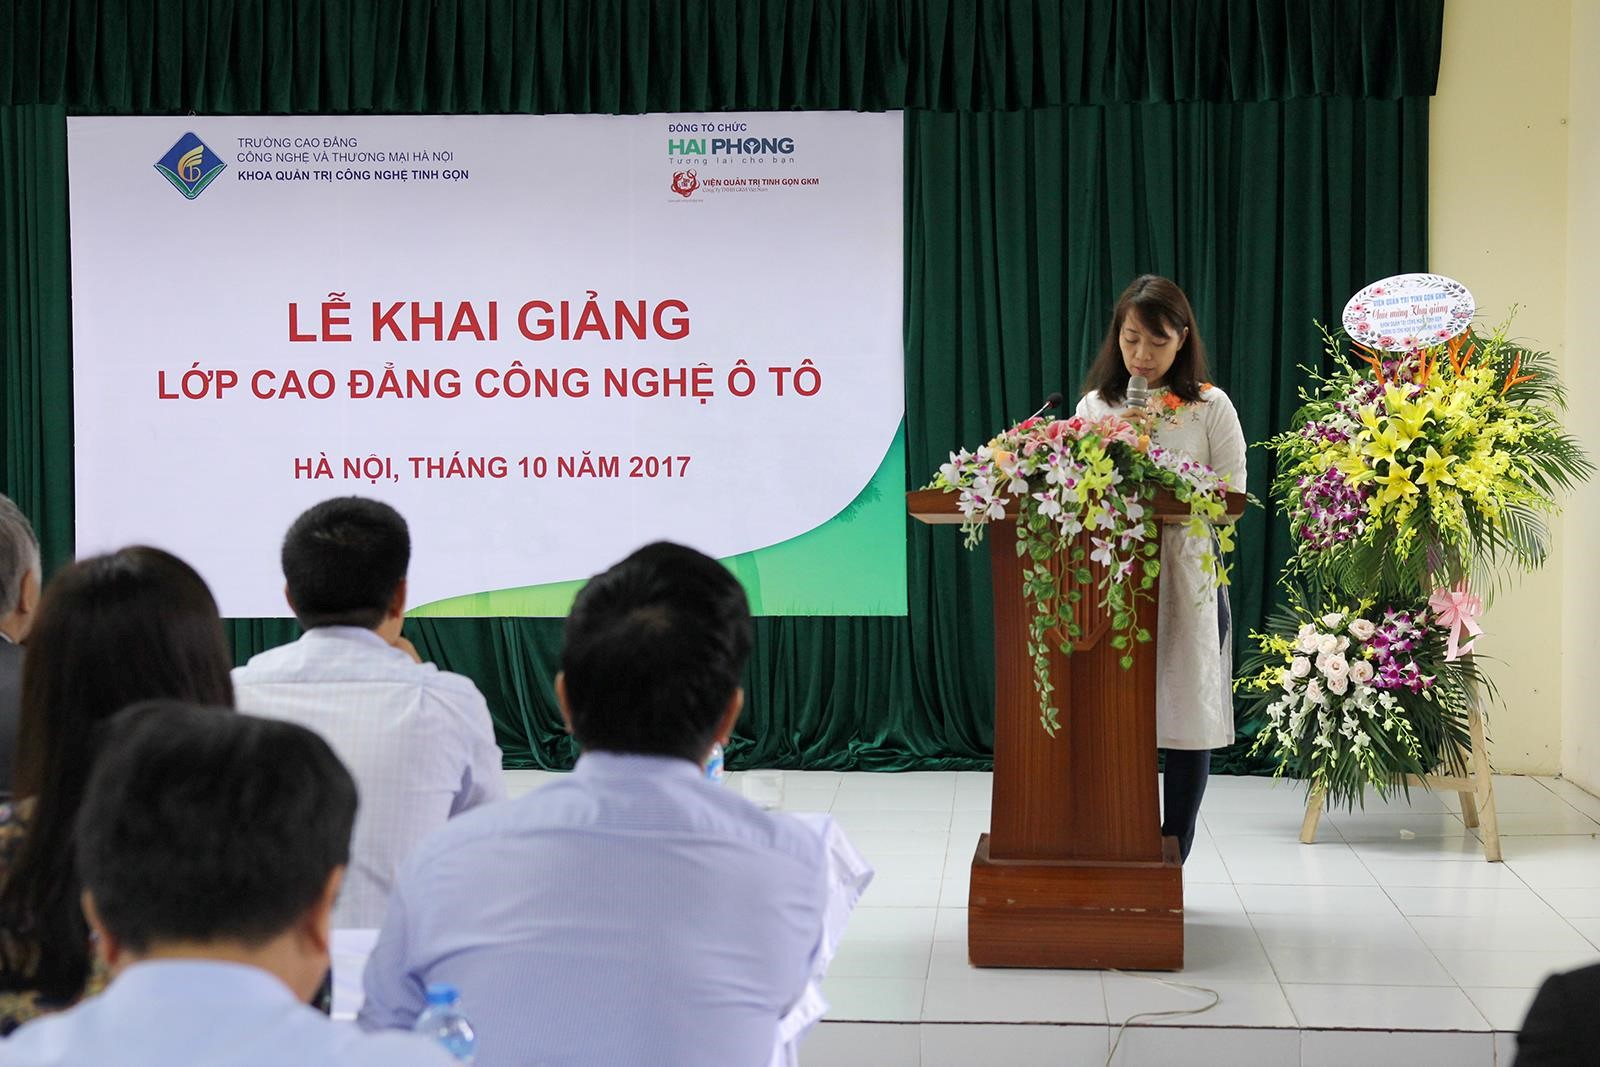 Bà Đoàn Thị Thu Hương phát biểu khai giảng